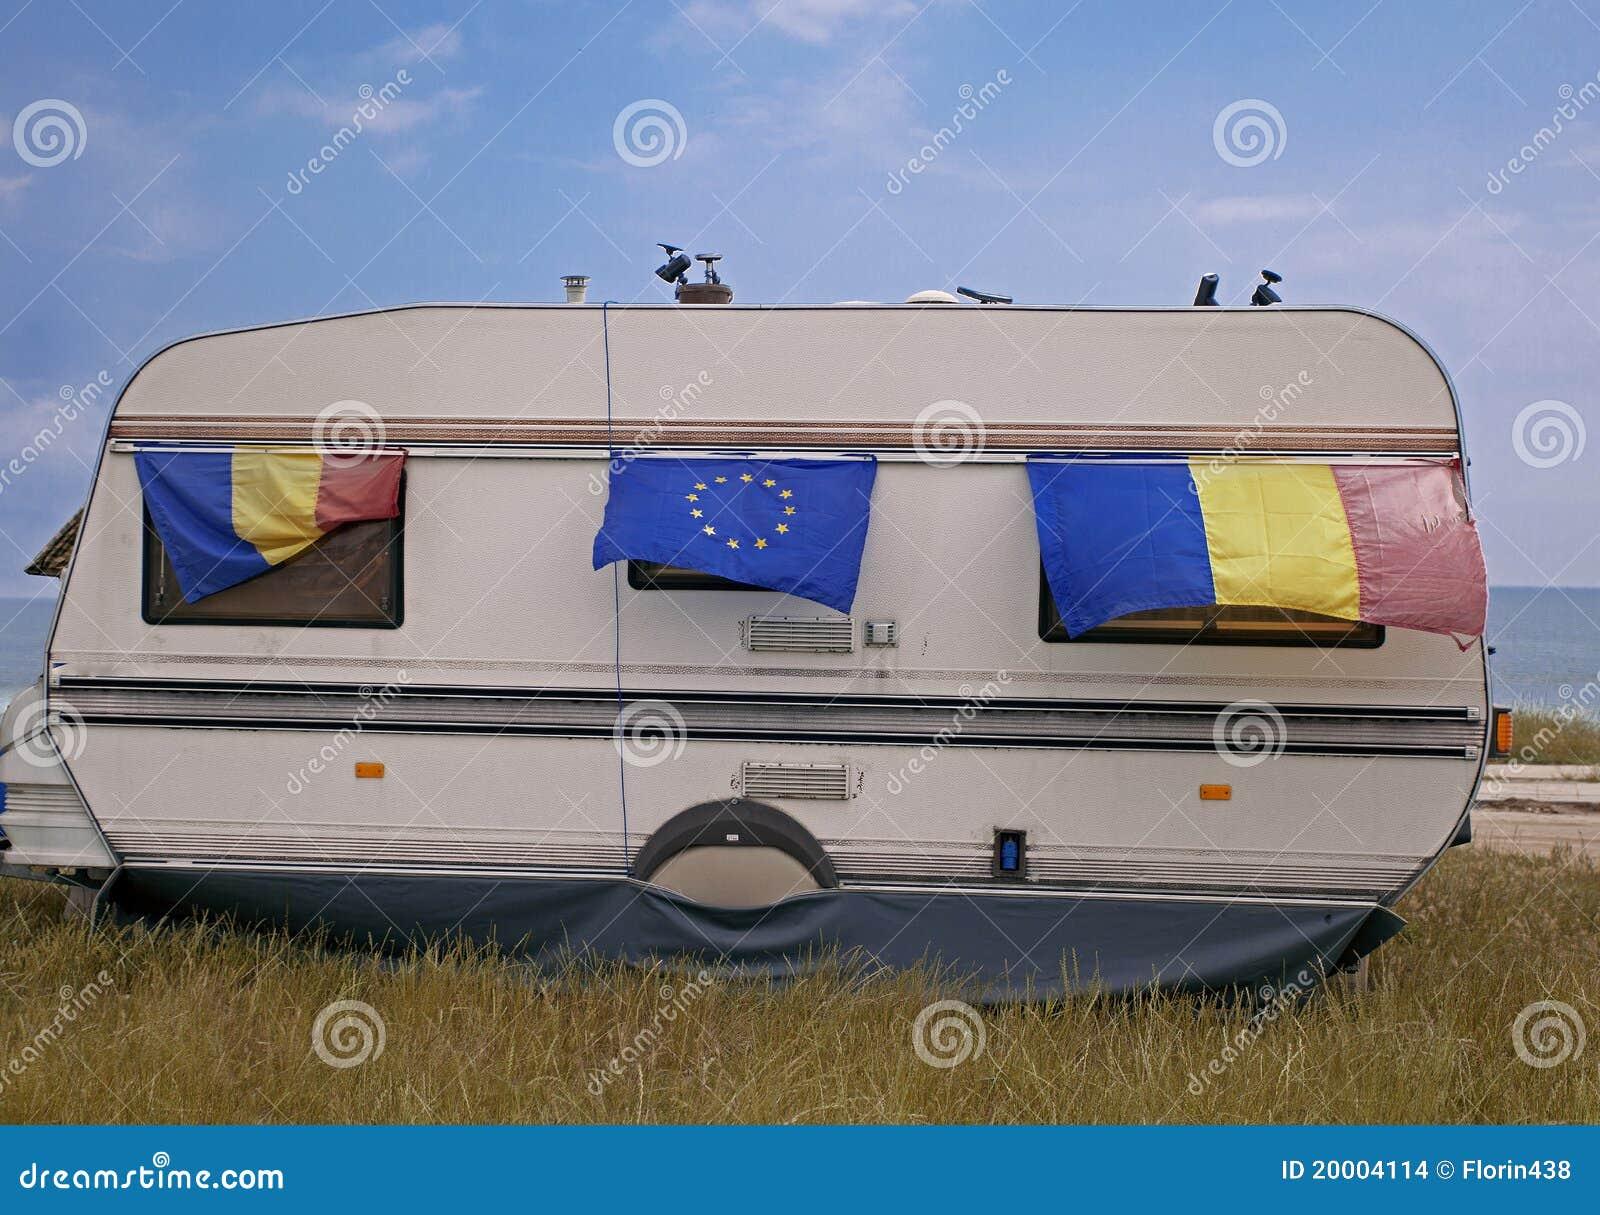 Caravana com bandeiras